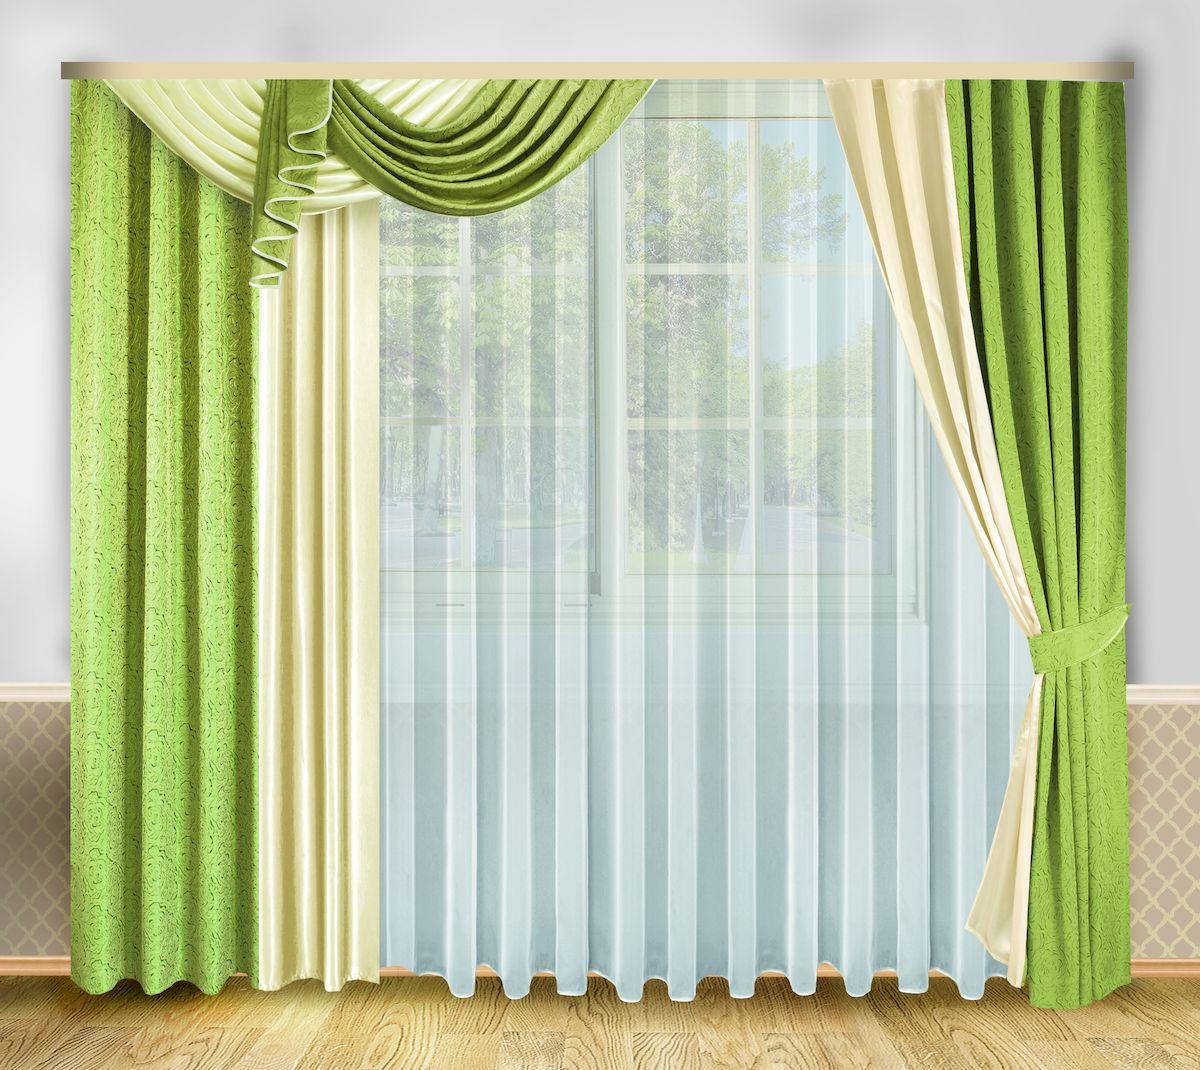 Комплект штор Zlata Korunka, на ленте, цвет: зеленый, высота 250 см. 333328333328Роскошный комплект штор Zlata Korunka, выполненный из полиэстера, великолепно украсит любое окно. Комплект состоит из тюля, ламбрекена, двух штор и двух подхватов. Изящный узор и приятная цветовая гамма привлекут к себе внимание и органично впишутся в интерьер помещения. Этот комплект будет долгое время радовать вас и вашу семью!Комплект крепится на карниз при помощи ленты, которая поможет красиво и равномерно задрапировать верх.В комплект входит: Тюль: 1 шт. Размер (Ш х В): 500 см х 250 см. Ламбрекен: 1 шт. Размер (Ш х В): 140 см х 45 см. Штора: 2 шт. Размер (Ш х В): 208 см х 250 см.Подхват: 2 шт.